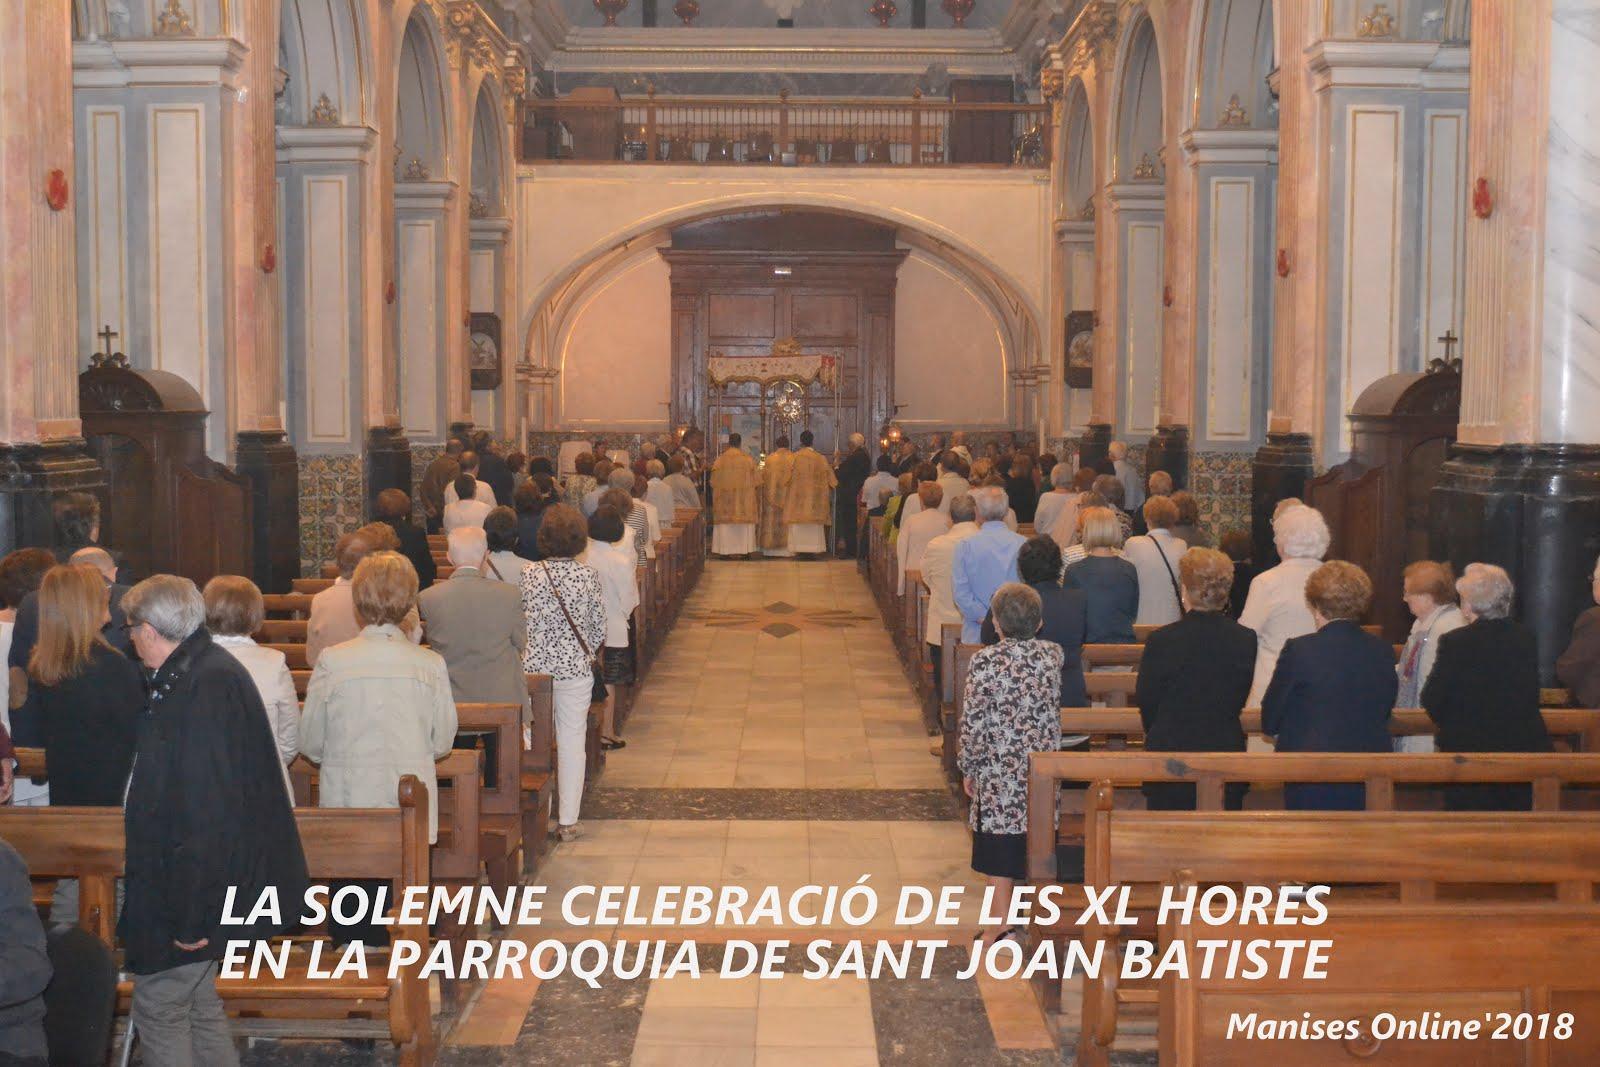 22.05.18 EN LA PARROQUIA DE SANT JOAN BATISTE ES CELEBREN LES XL HORES